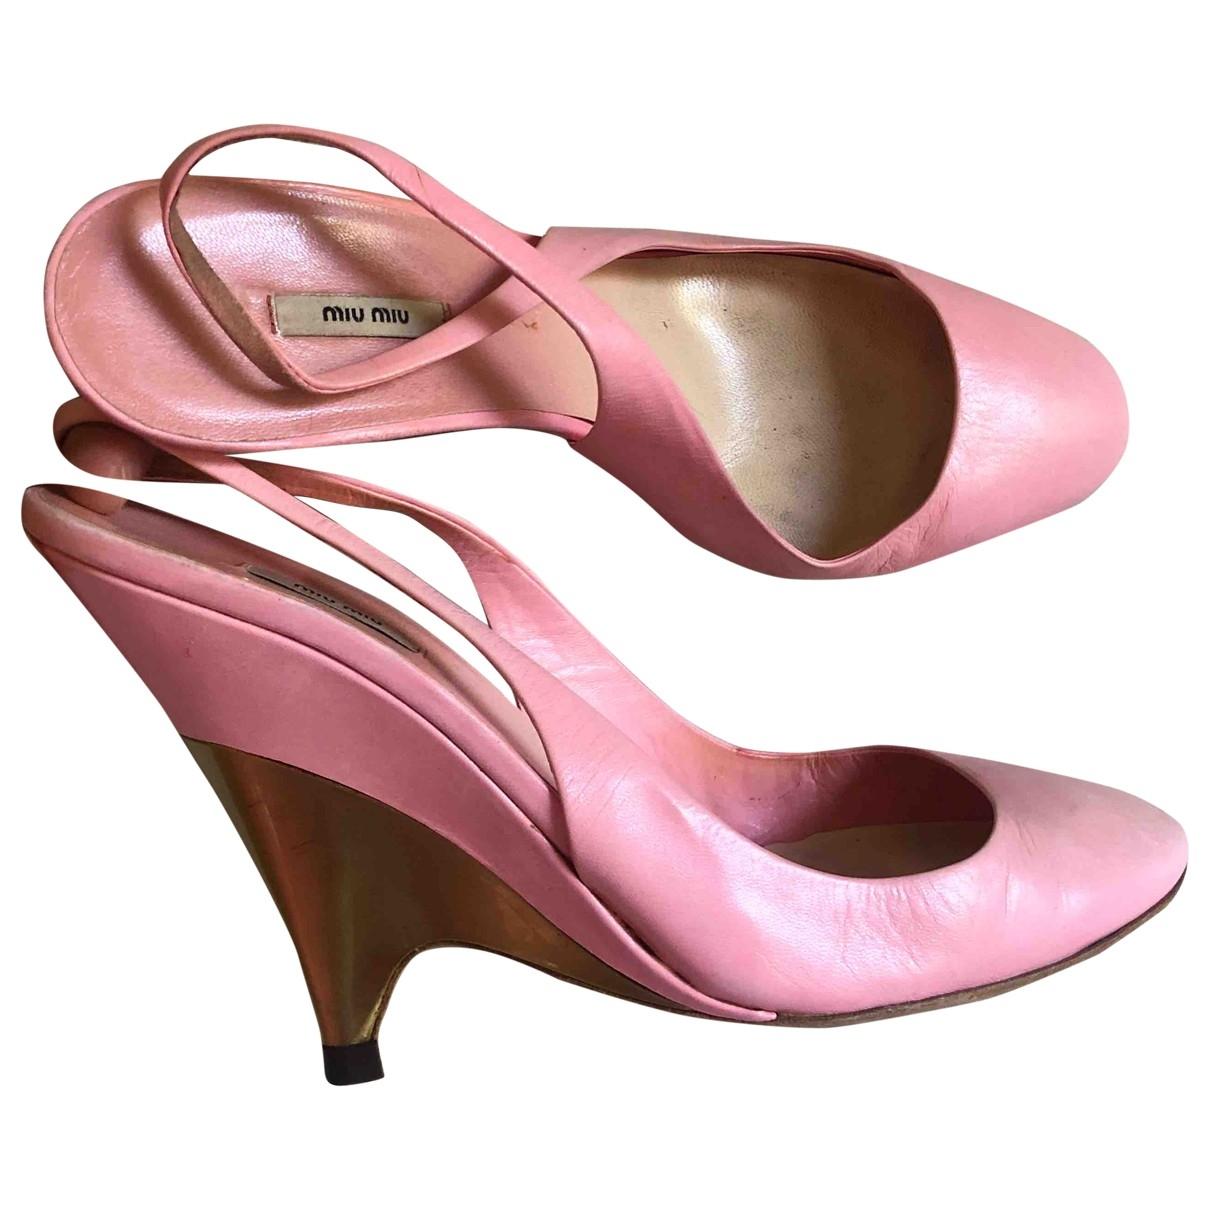 Miu Miu - Escarpins   pour femme en cuir - rose